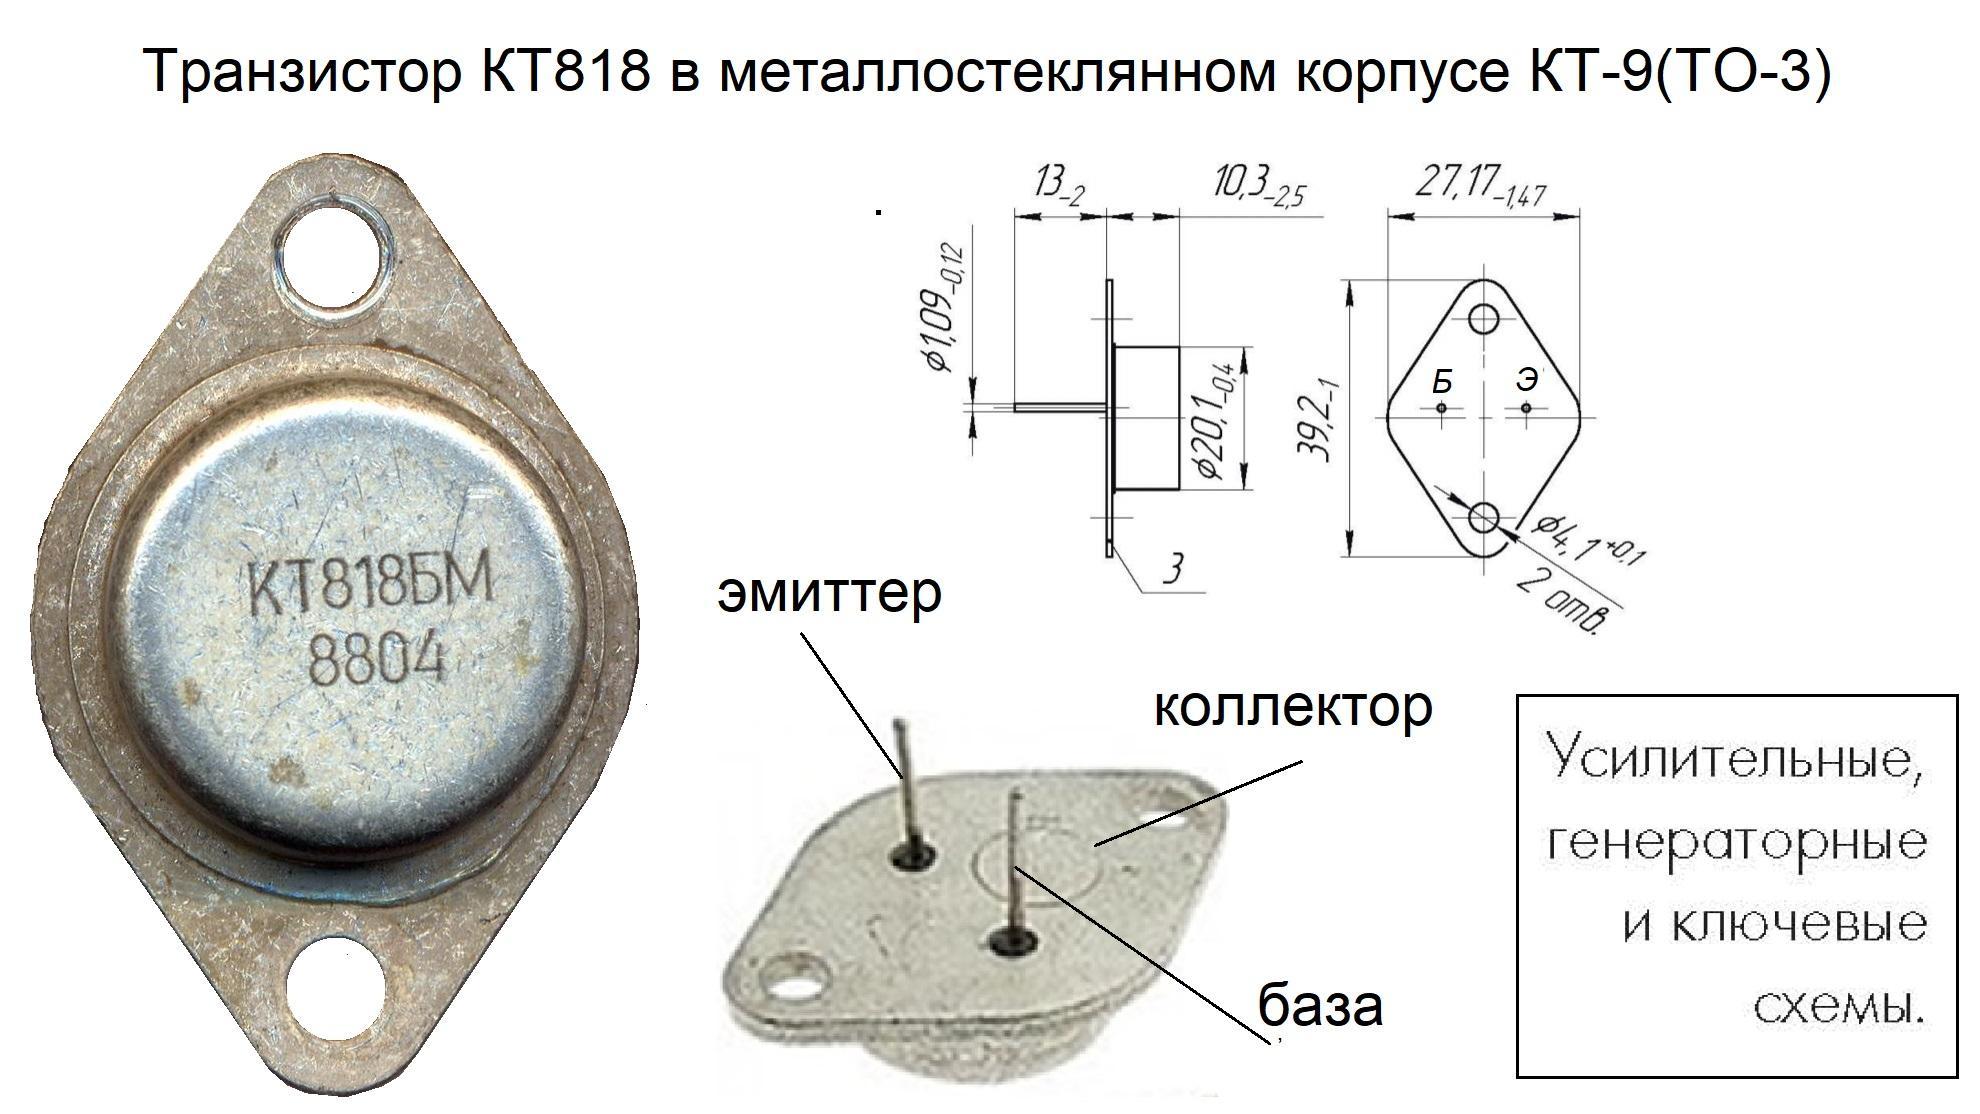 Металлический корпус КТ-9 у КТ818БМ